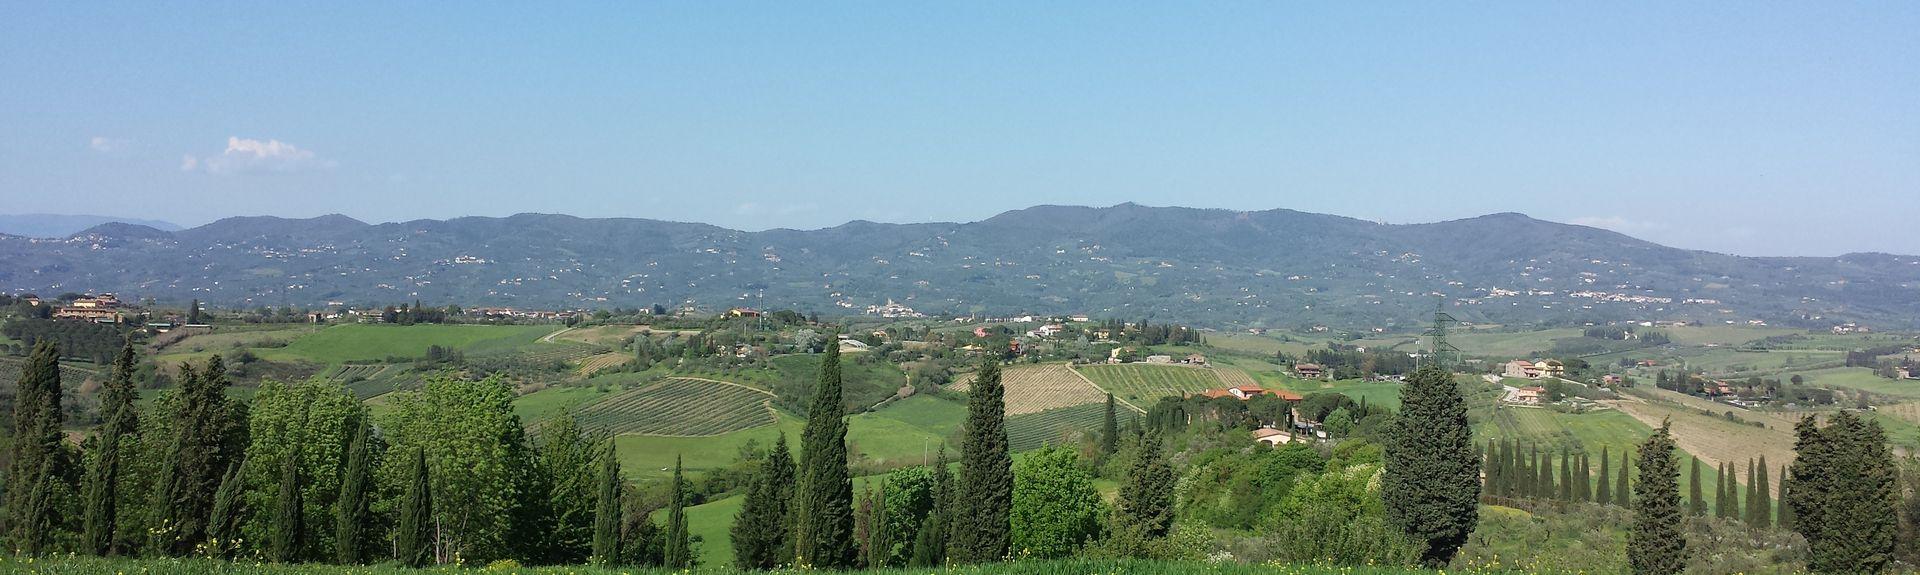 Monsummano Terme, Pistoia, Tuscany, Italy